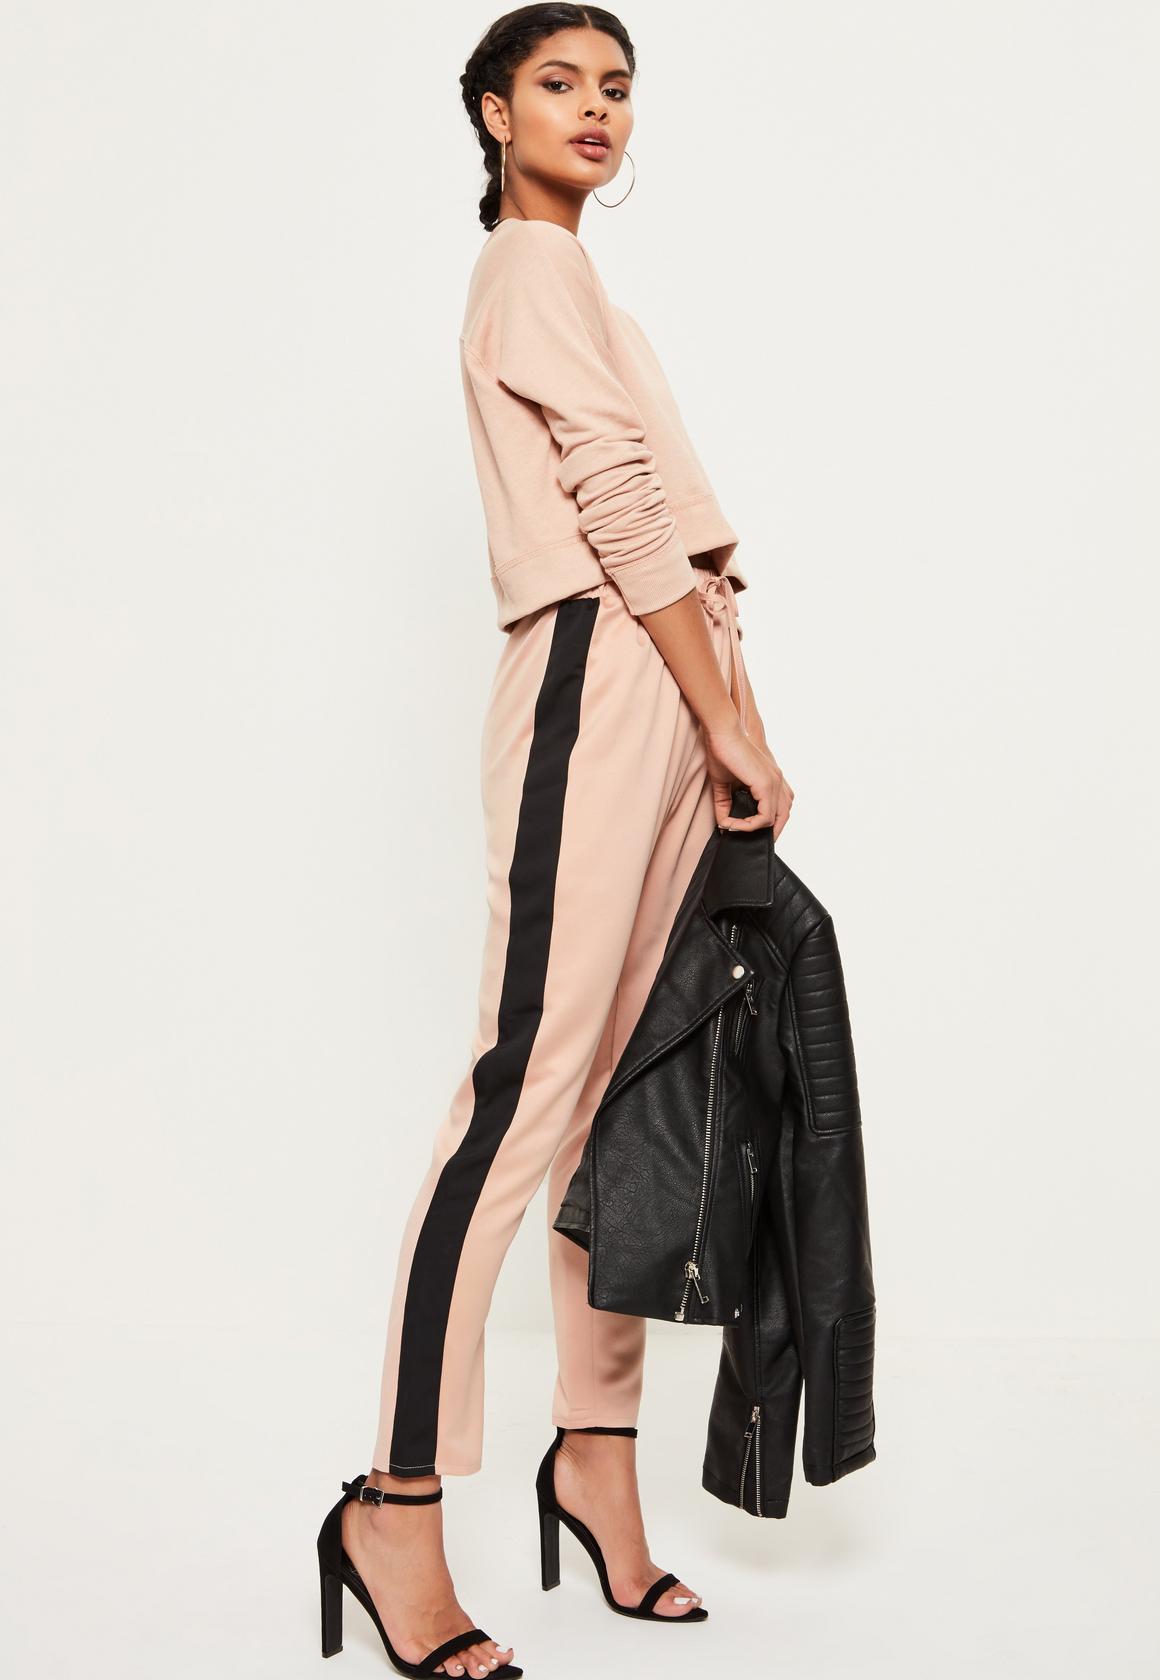 peach-joggers-pants-peach-sweater-sweatshirt-brun-braid-black-shoe-sandalh-black-jacket-moto-spring-summer-lunch-hoops-tracksuit.jpg